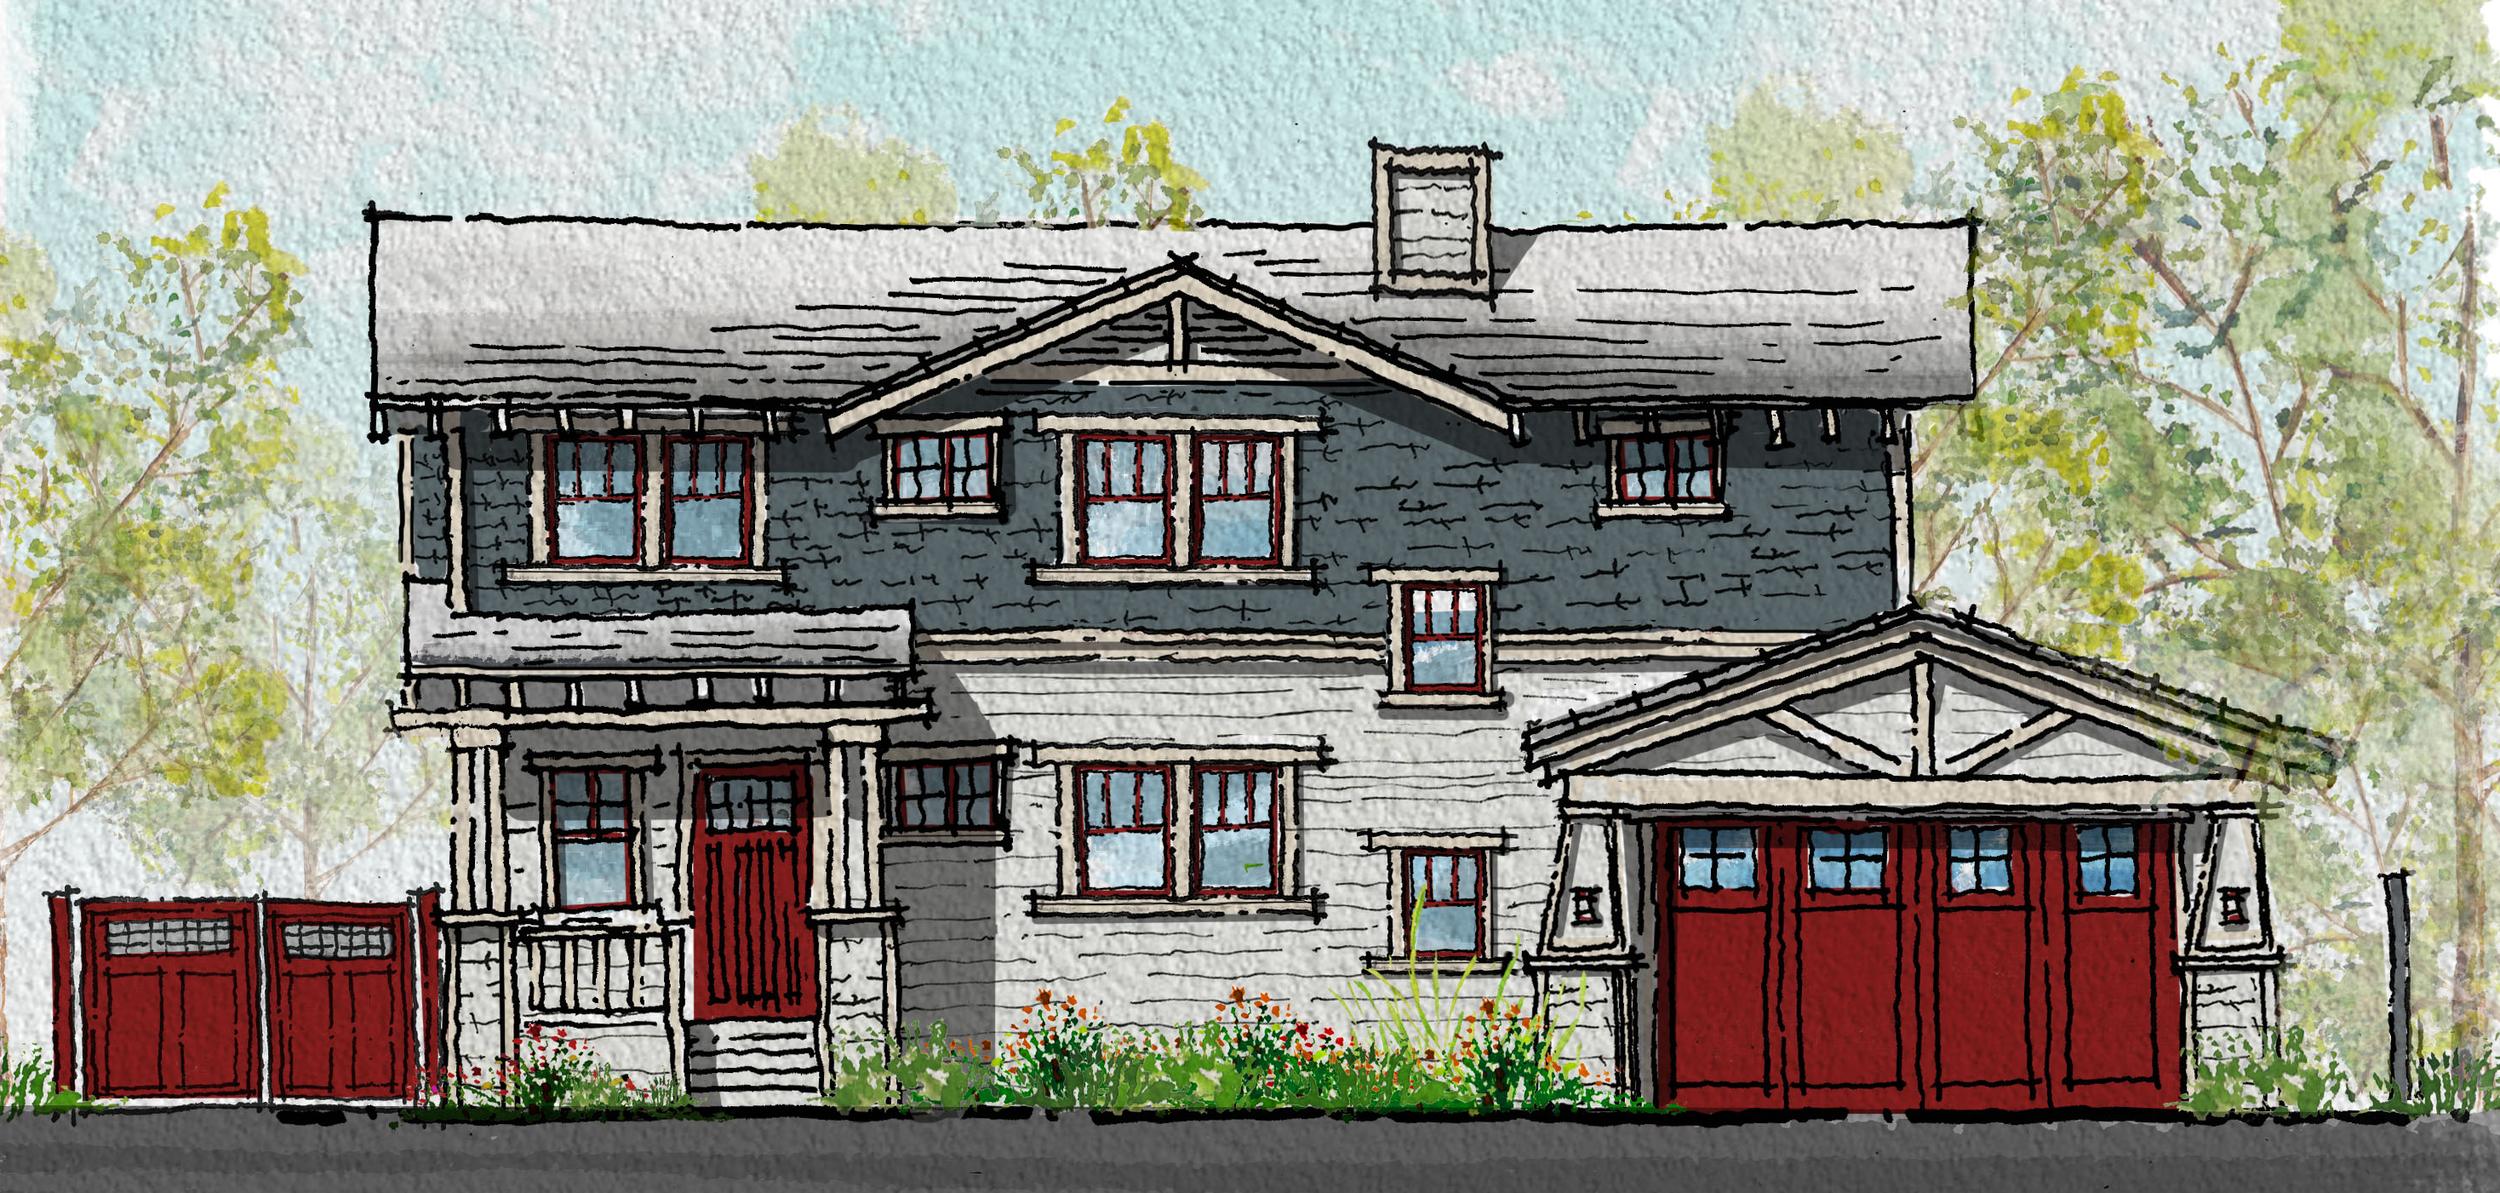 San Luis Obispo Craftsmen Home Front Elevation Option 2.png